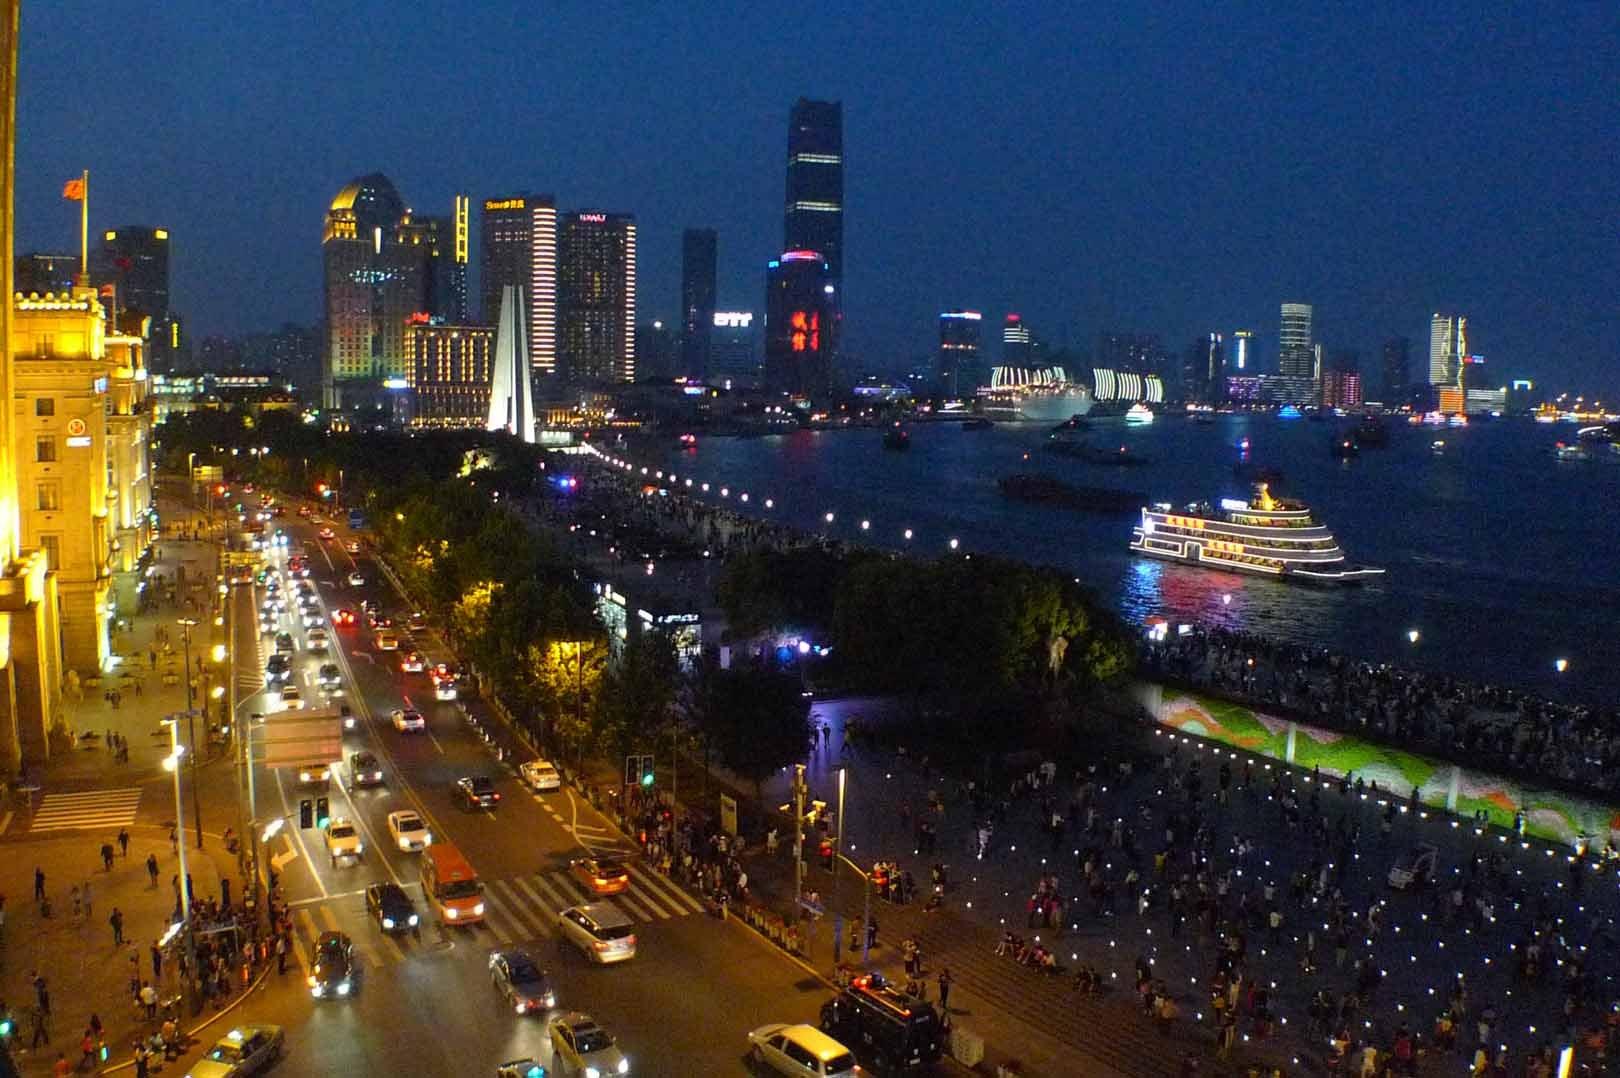 Shanghai_Hotspots_Slideshow_010